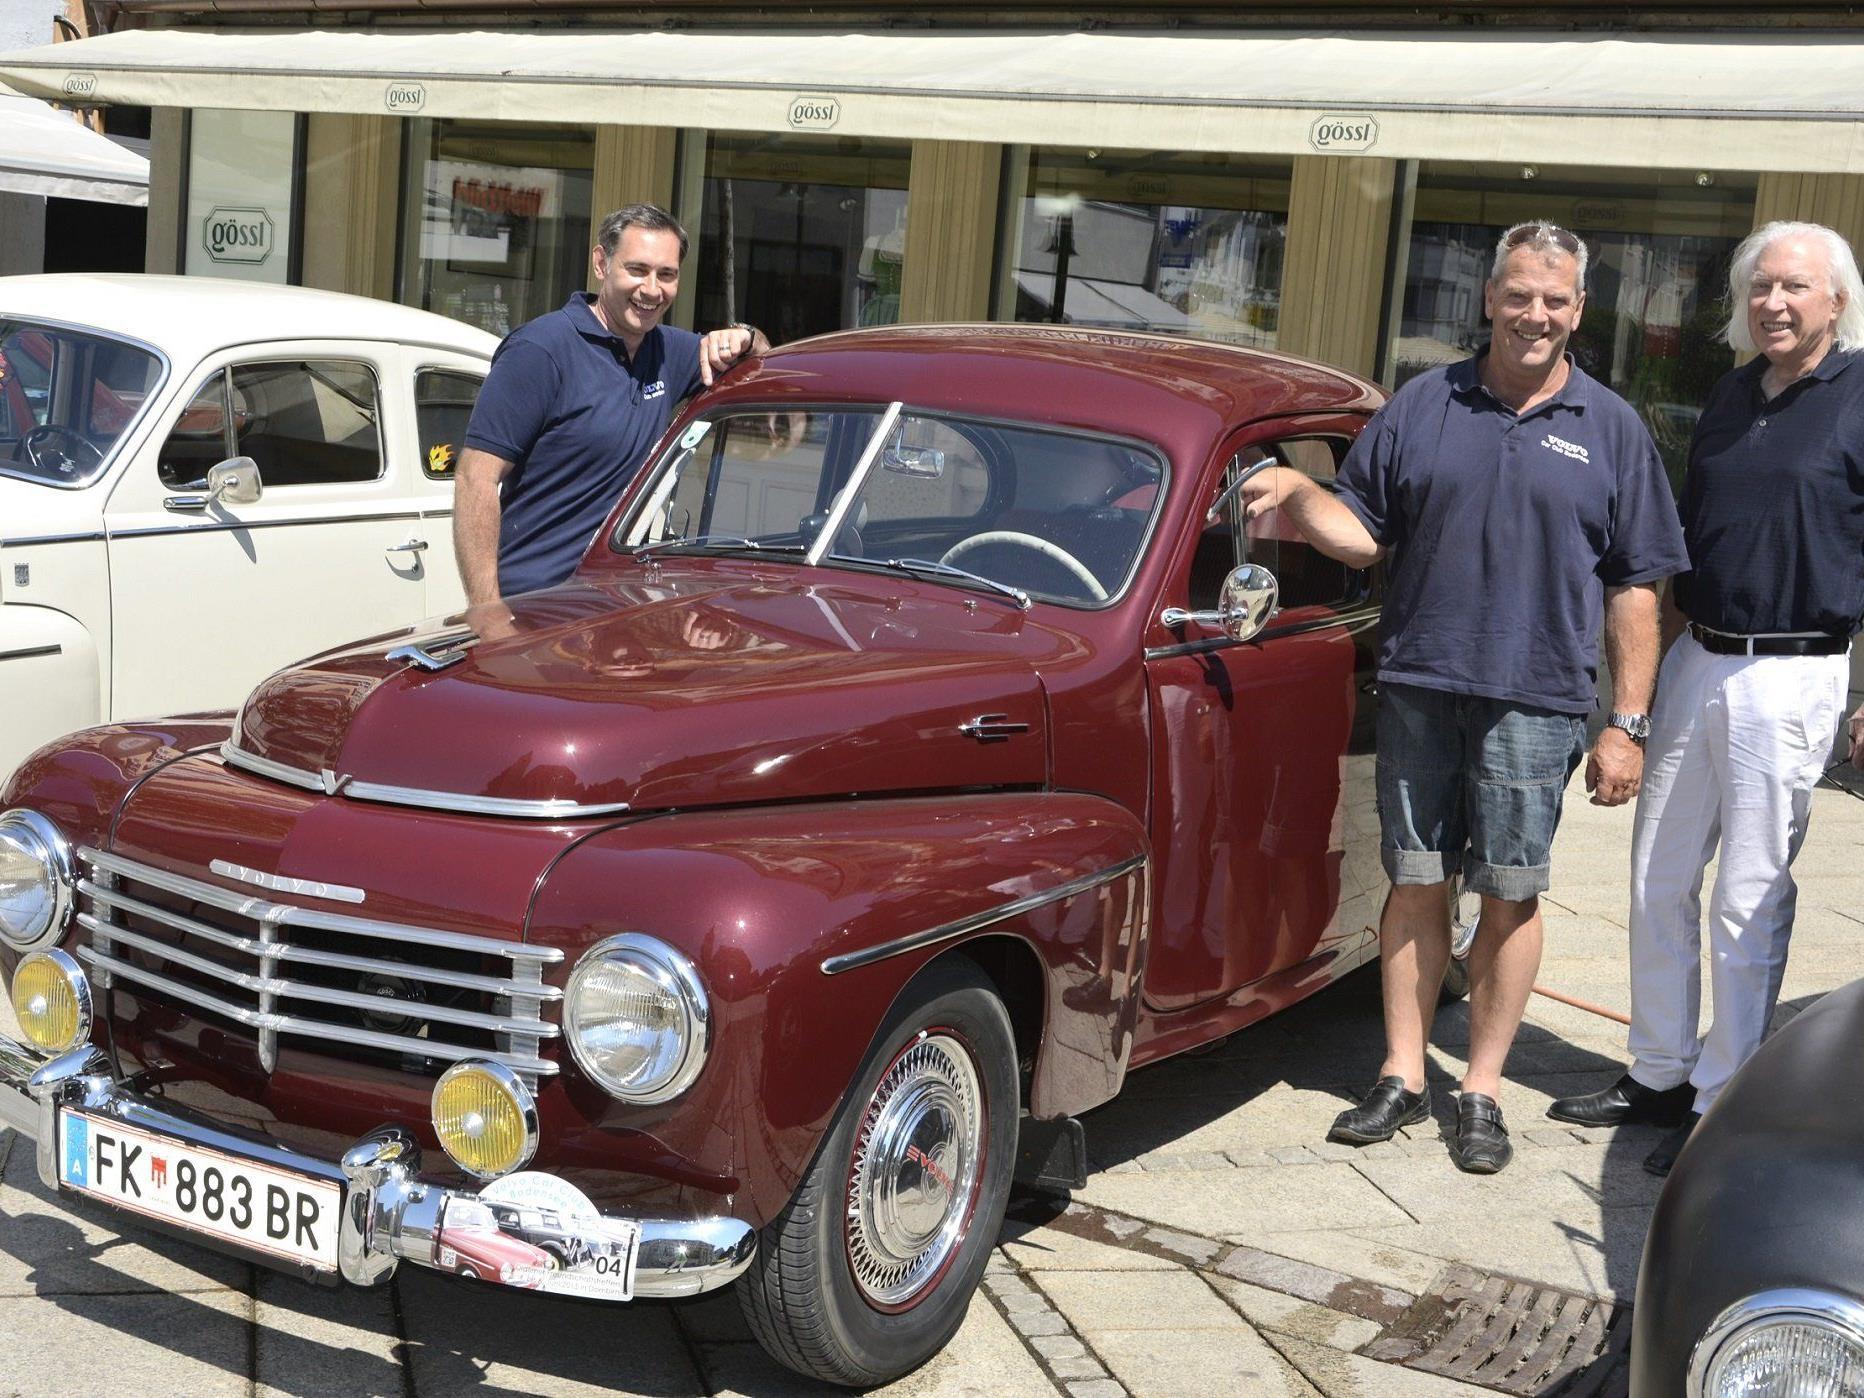 Thomas Niedermair und Jörg Knapp stellen sich neben Günter Drexel,  den stolzen Besitzer des ältesten Volvo-Modells aus dem Jahr 1953.